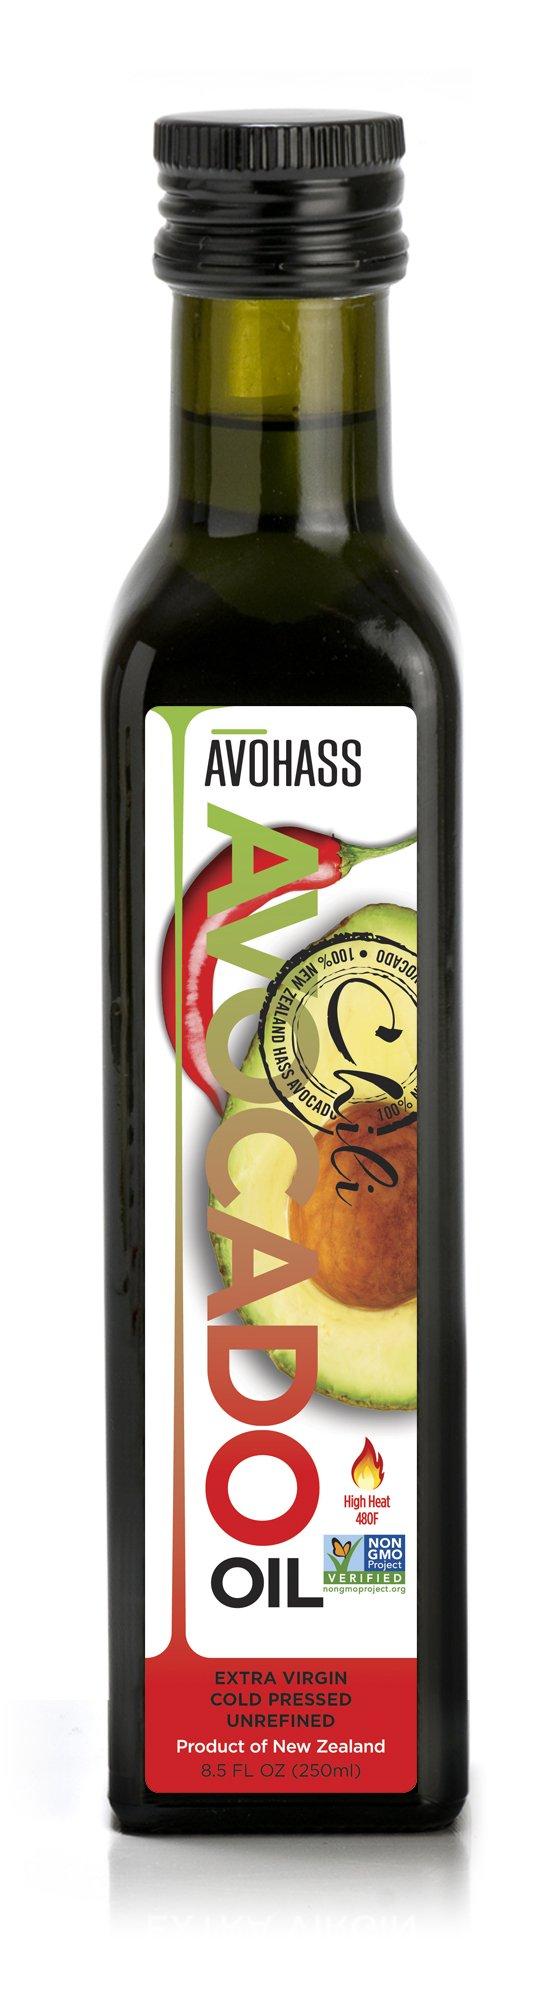 Avohass New Zealand Chili Extra Virgin Avocado Oil 8.5 fl oz